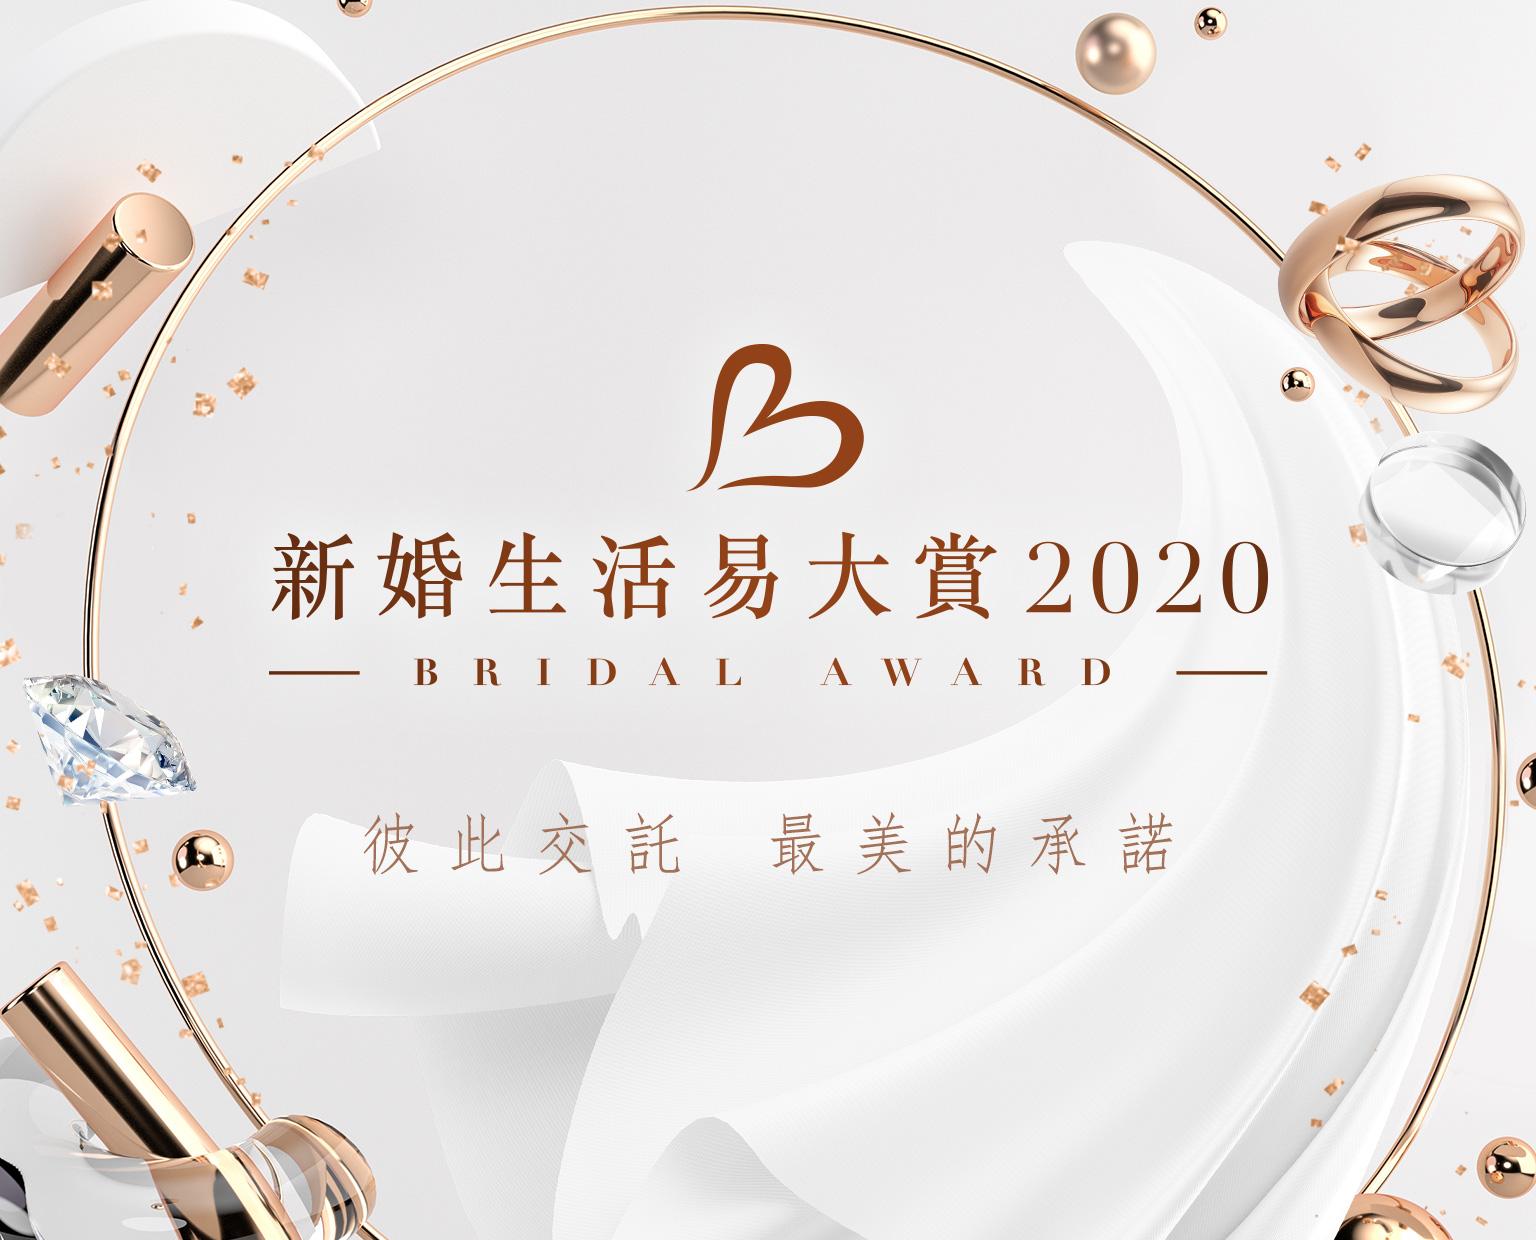 BRIDAL AWARD 2020